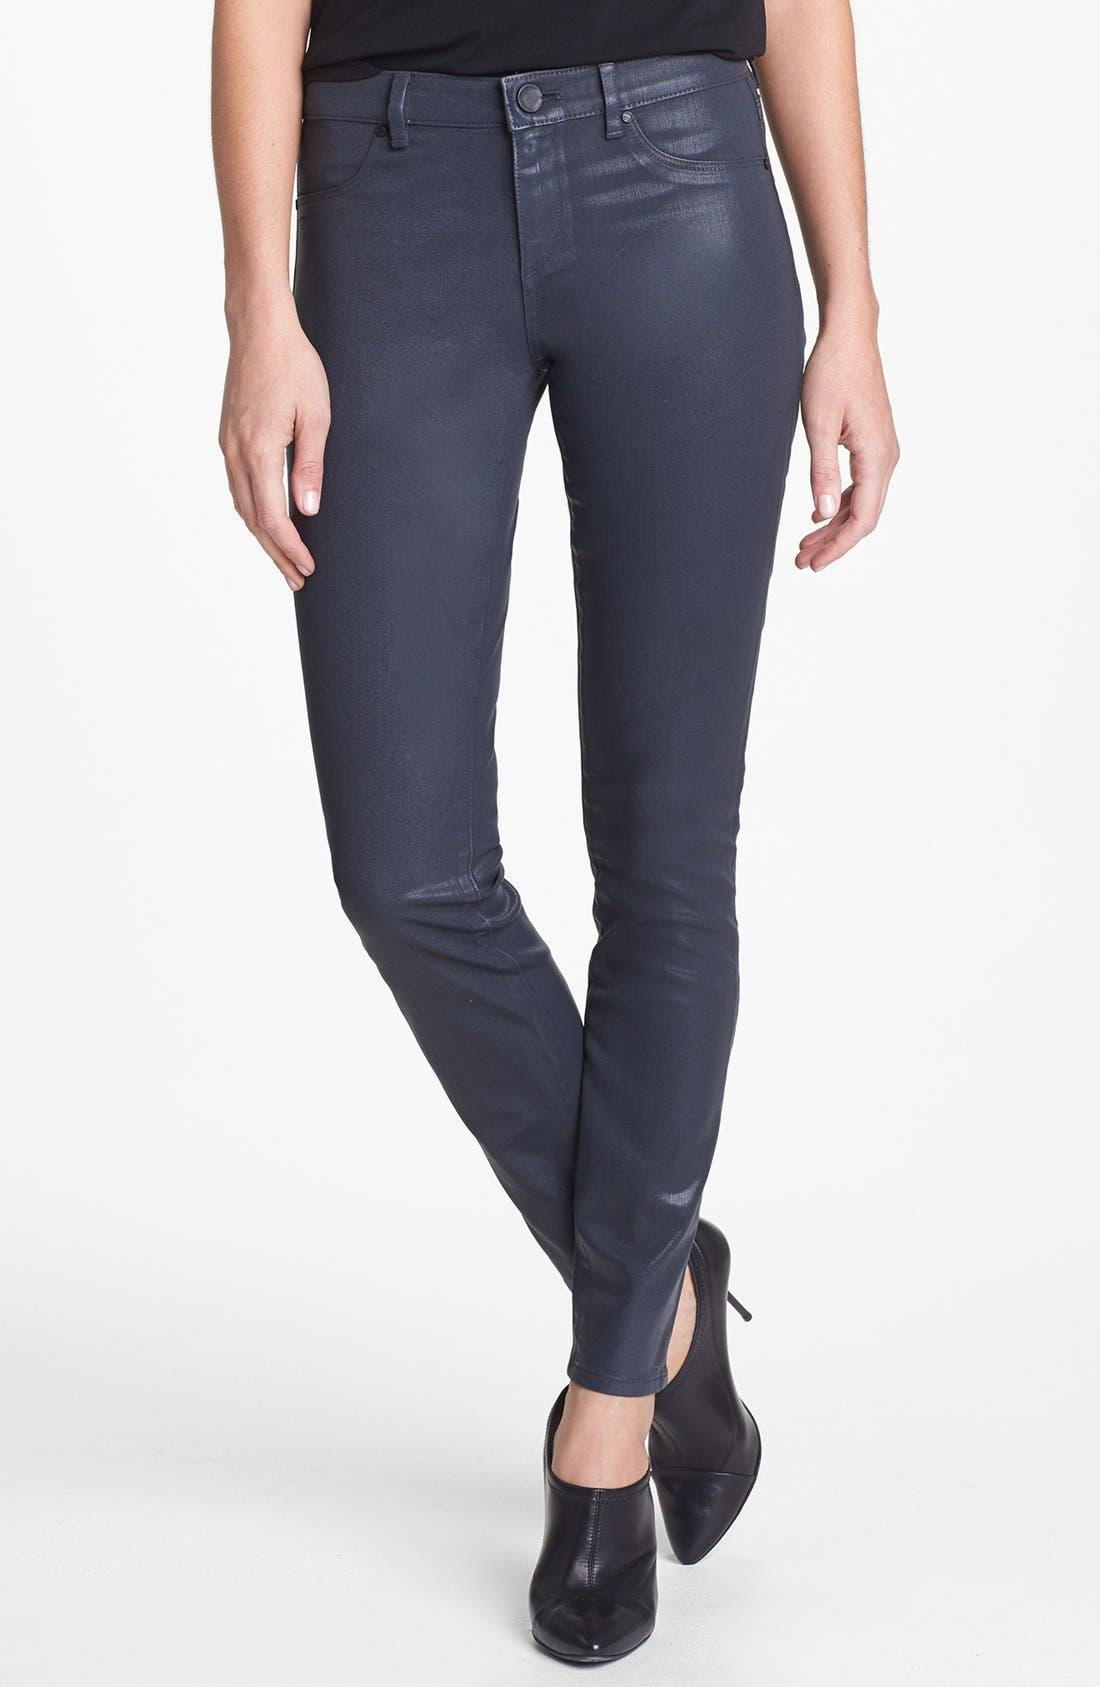 Alternate Image 1 Selected - Elie Tahari 'Azella' Skinny Jeans (Titanium)